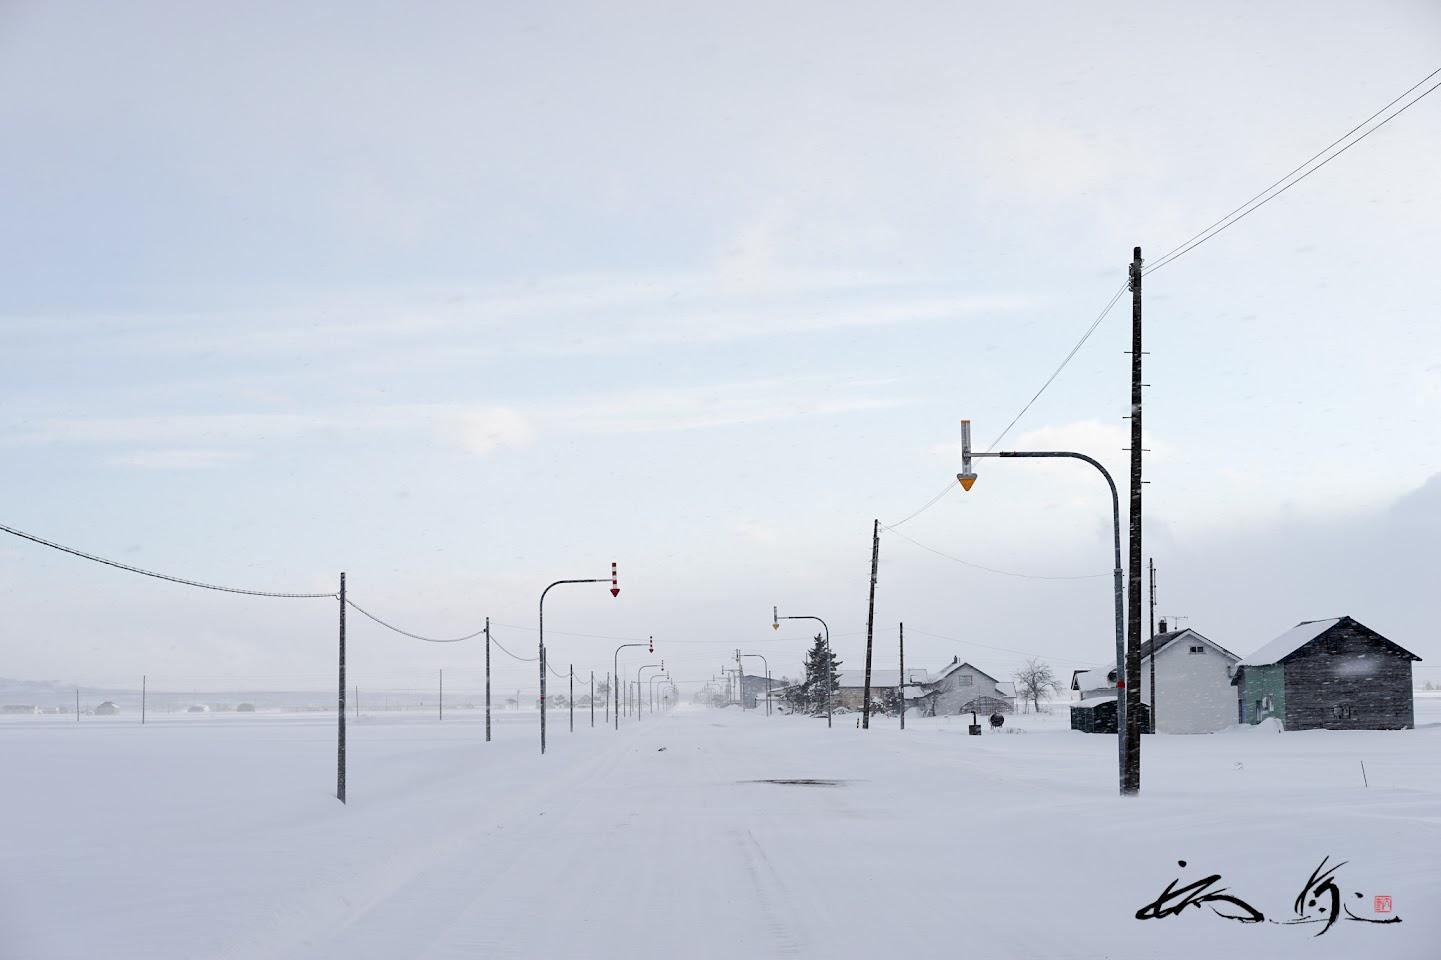 果てしなく続く白い道@北竜町共栄地区